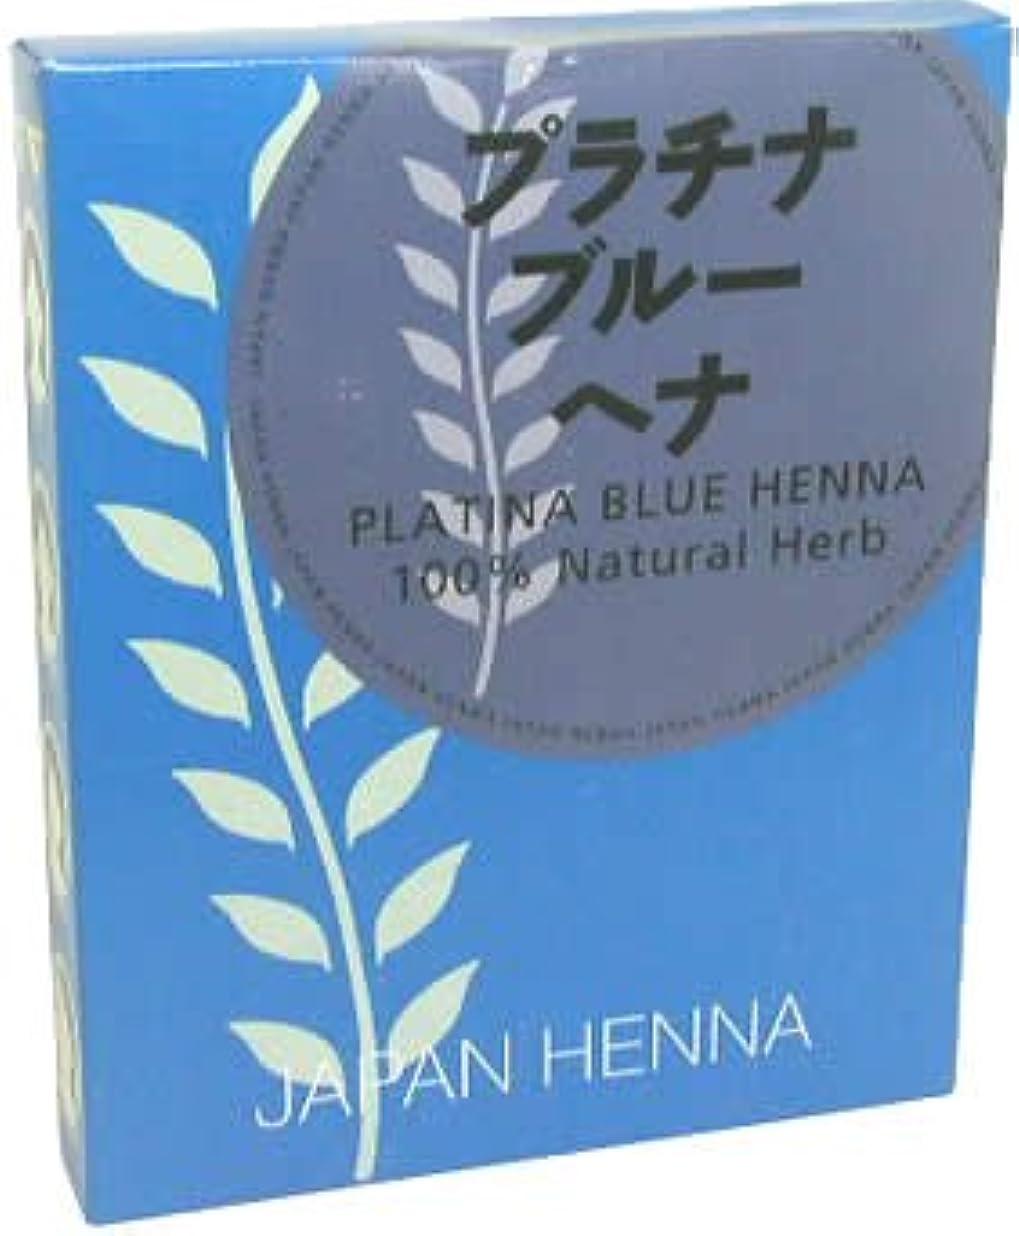 薬剤師うっかりドラゴンジャパンヘナ 天然100% ヘナパウダー プラチナブルー 100g 手袋入り B-7 白髪染め